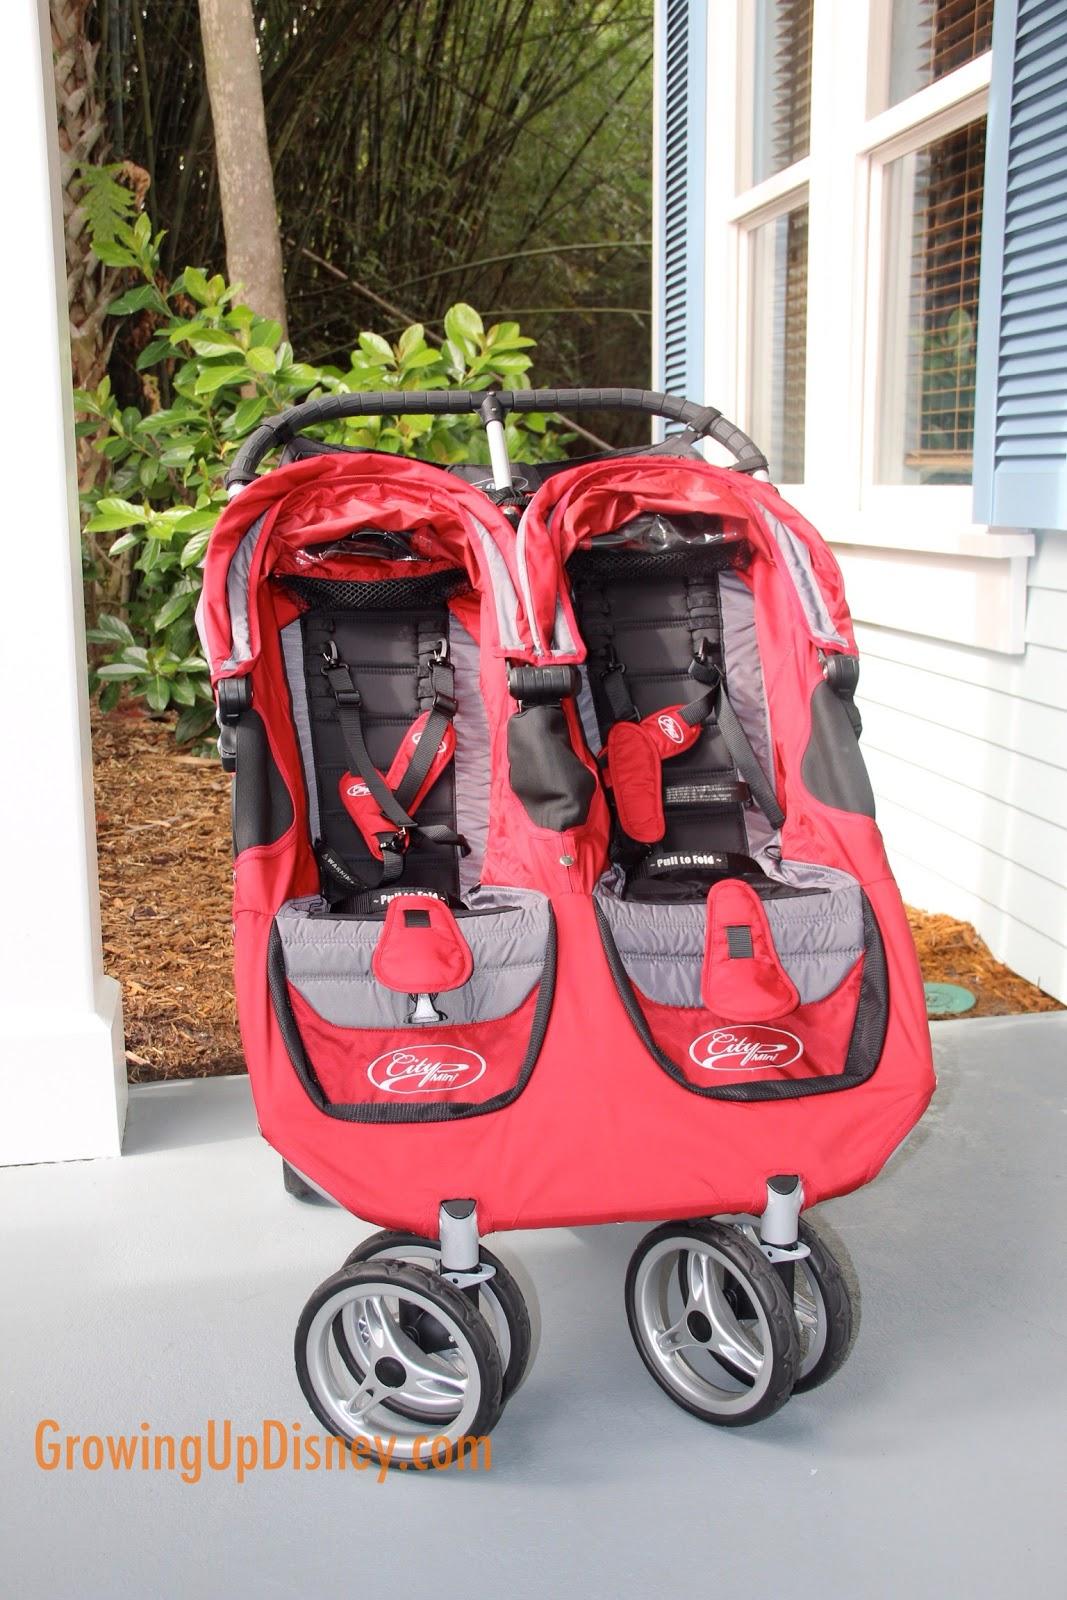 Growing Up Disney Stroller Rental Review Simple Stroller